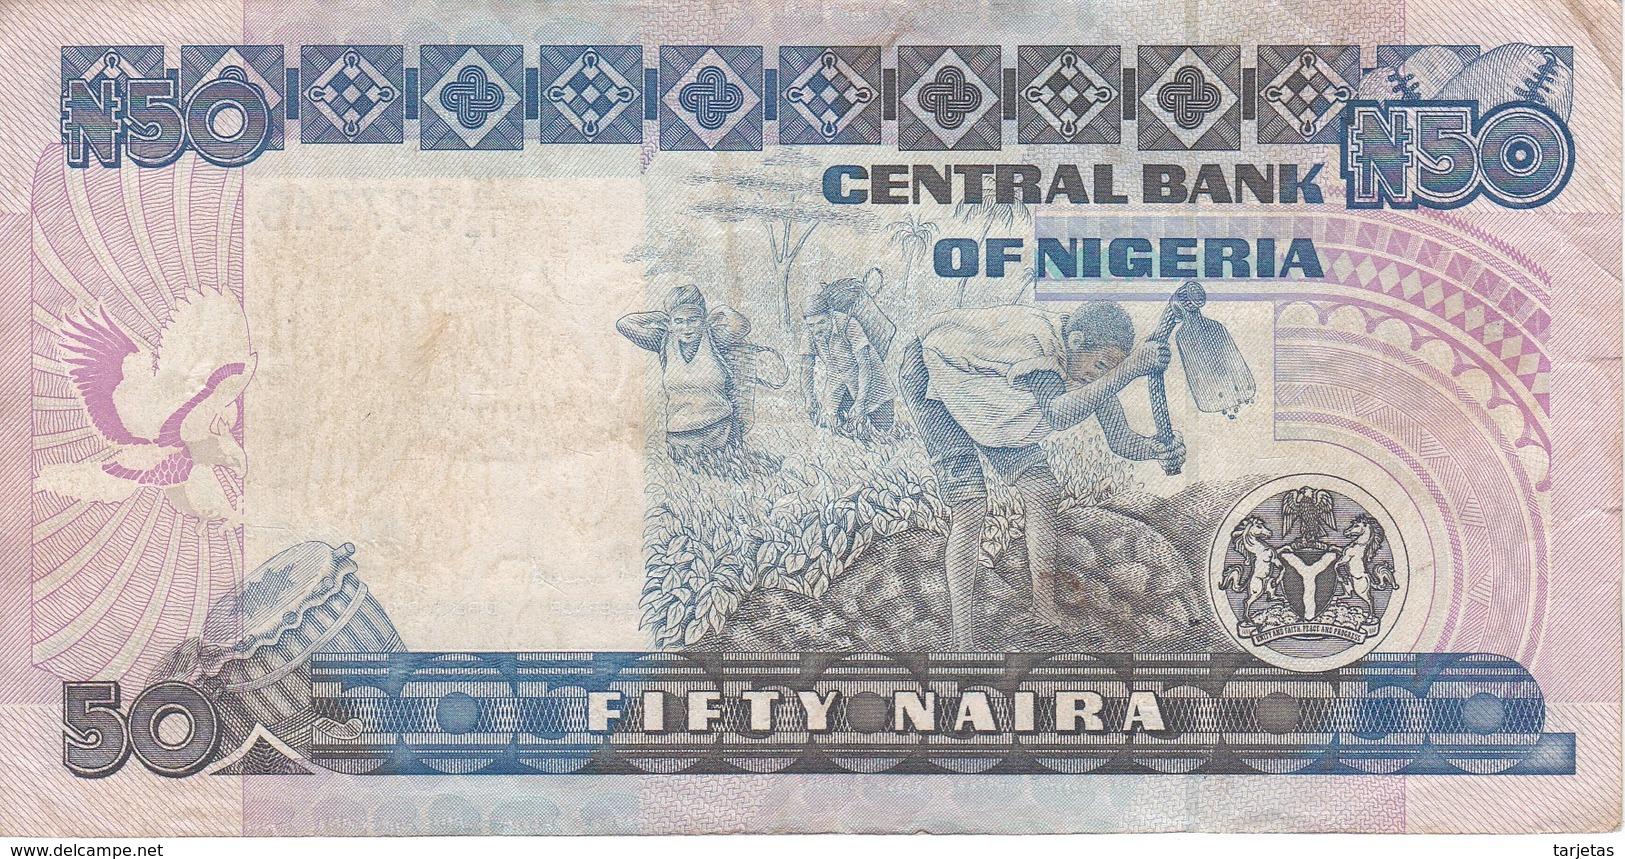 BILLETE DE NIGERIA DE 50 NAIRA DEL AÑO 2000 (BANKNOTE) - Nigeria